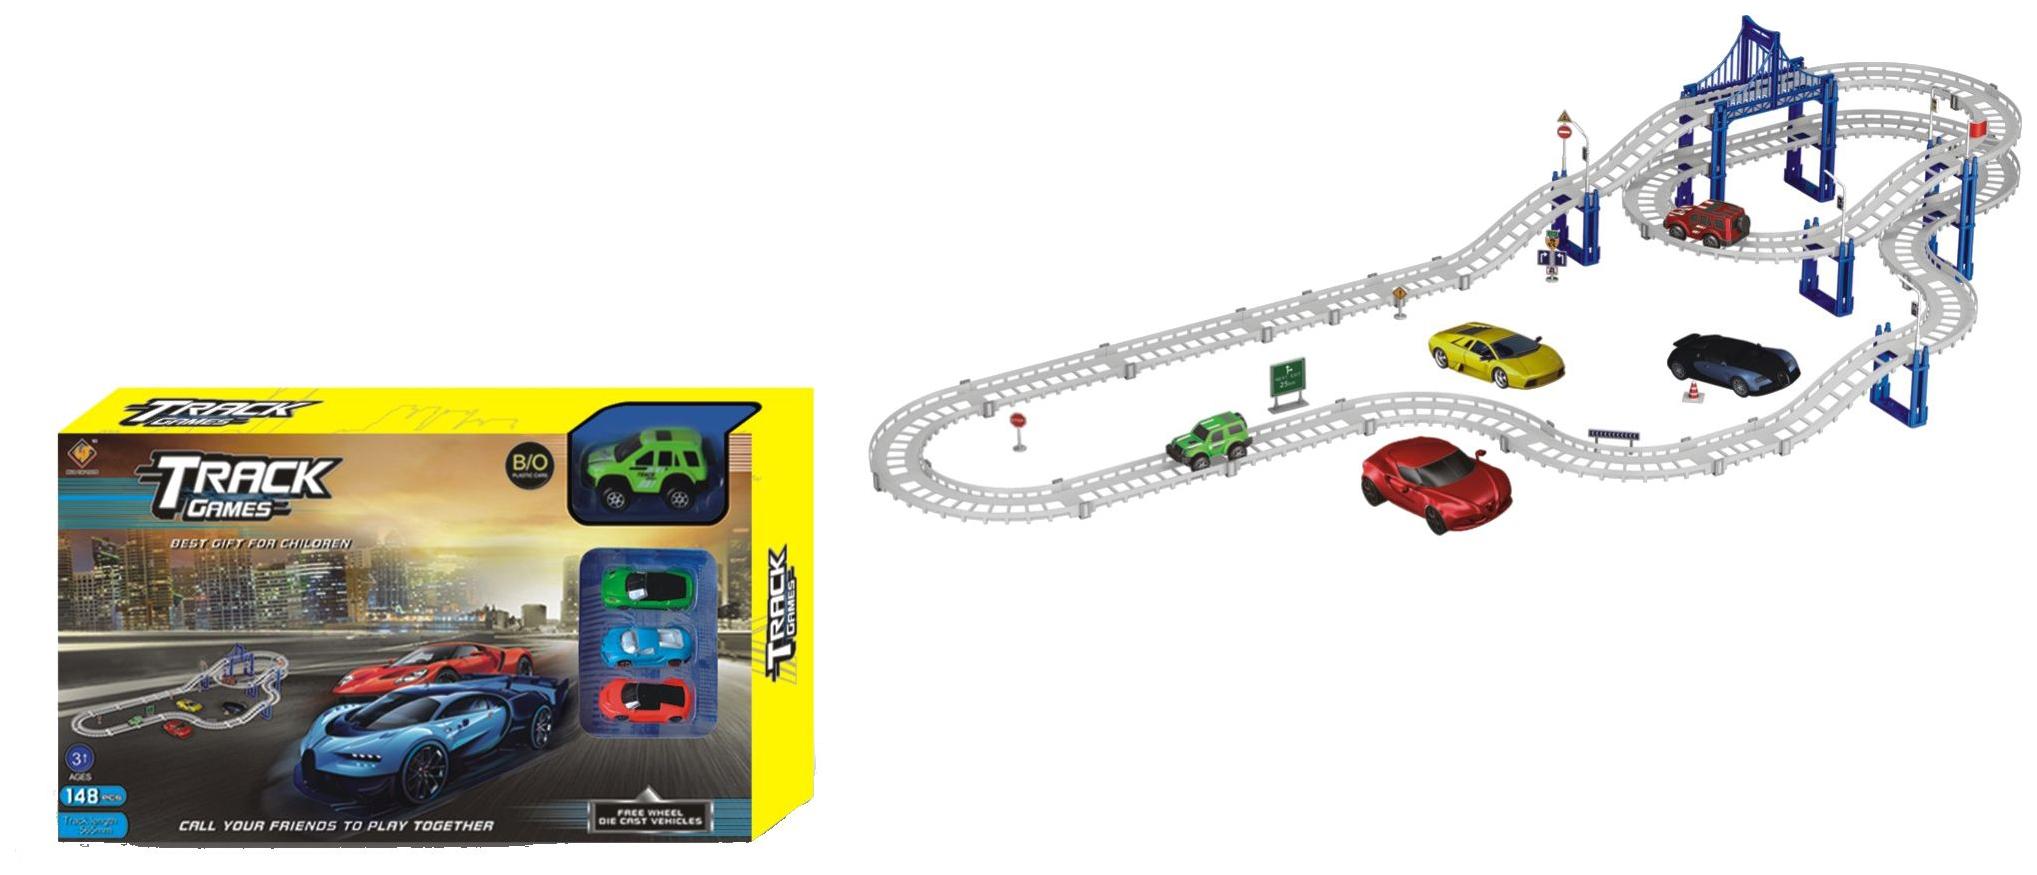 Купить Автотрек Наша Игрушка Автомагистраль, 4 машины, 148 деталей, аксессуары 663-P3, Наша игрушка, Детские автотреки